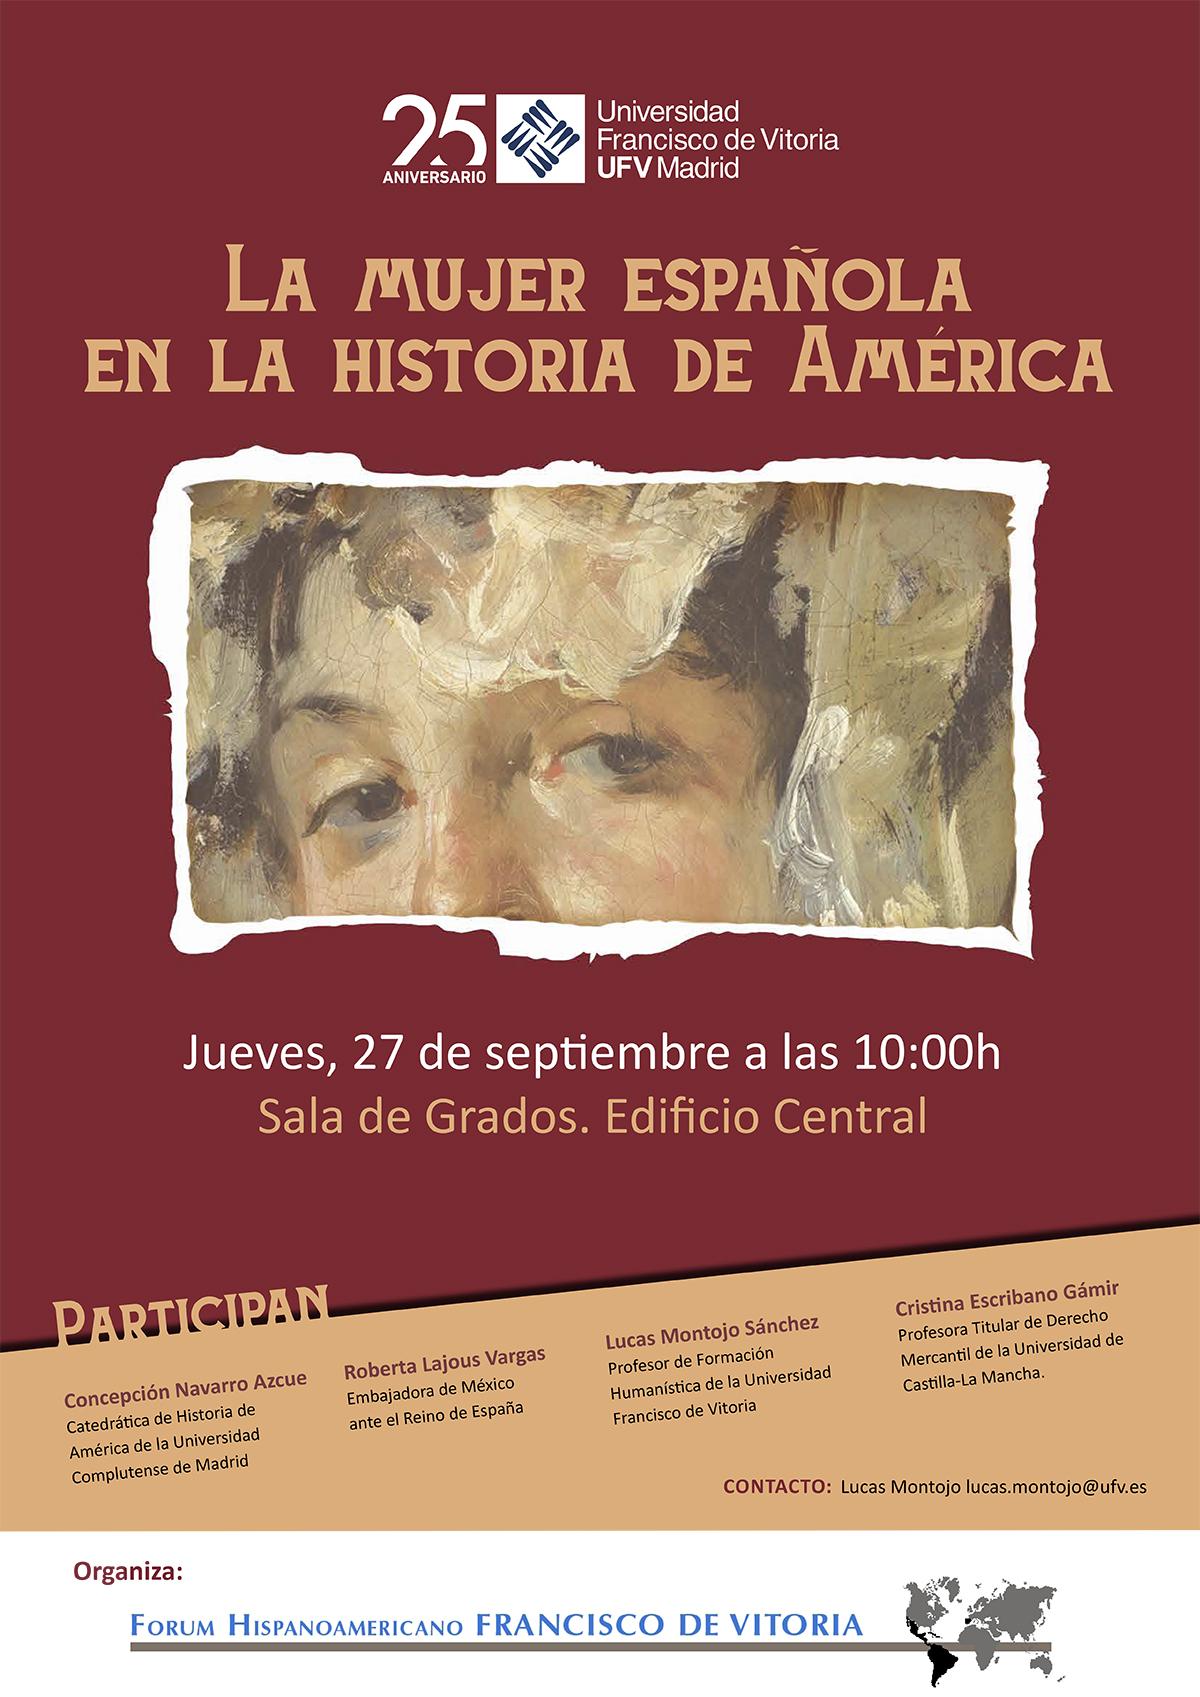 PosterMujerEspannola1 La mujer española en la historia de América Estudiar en Universidad Privada Madrid